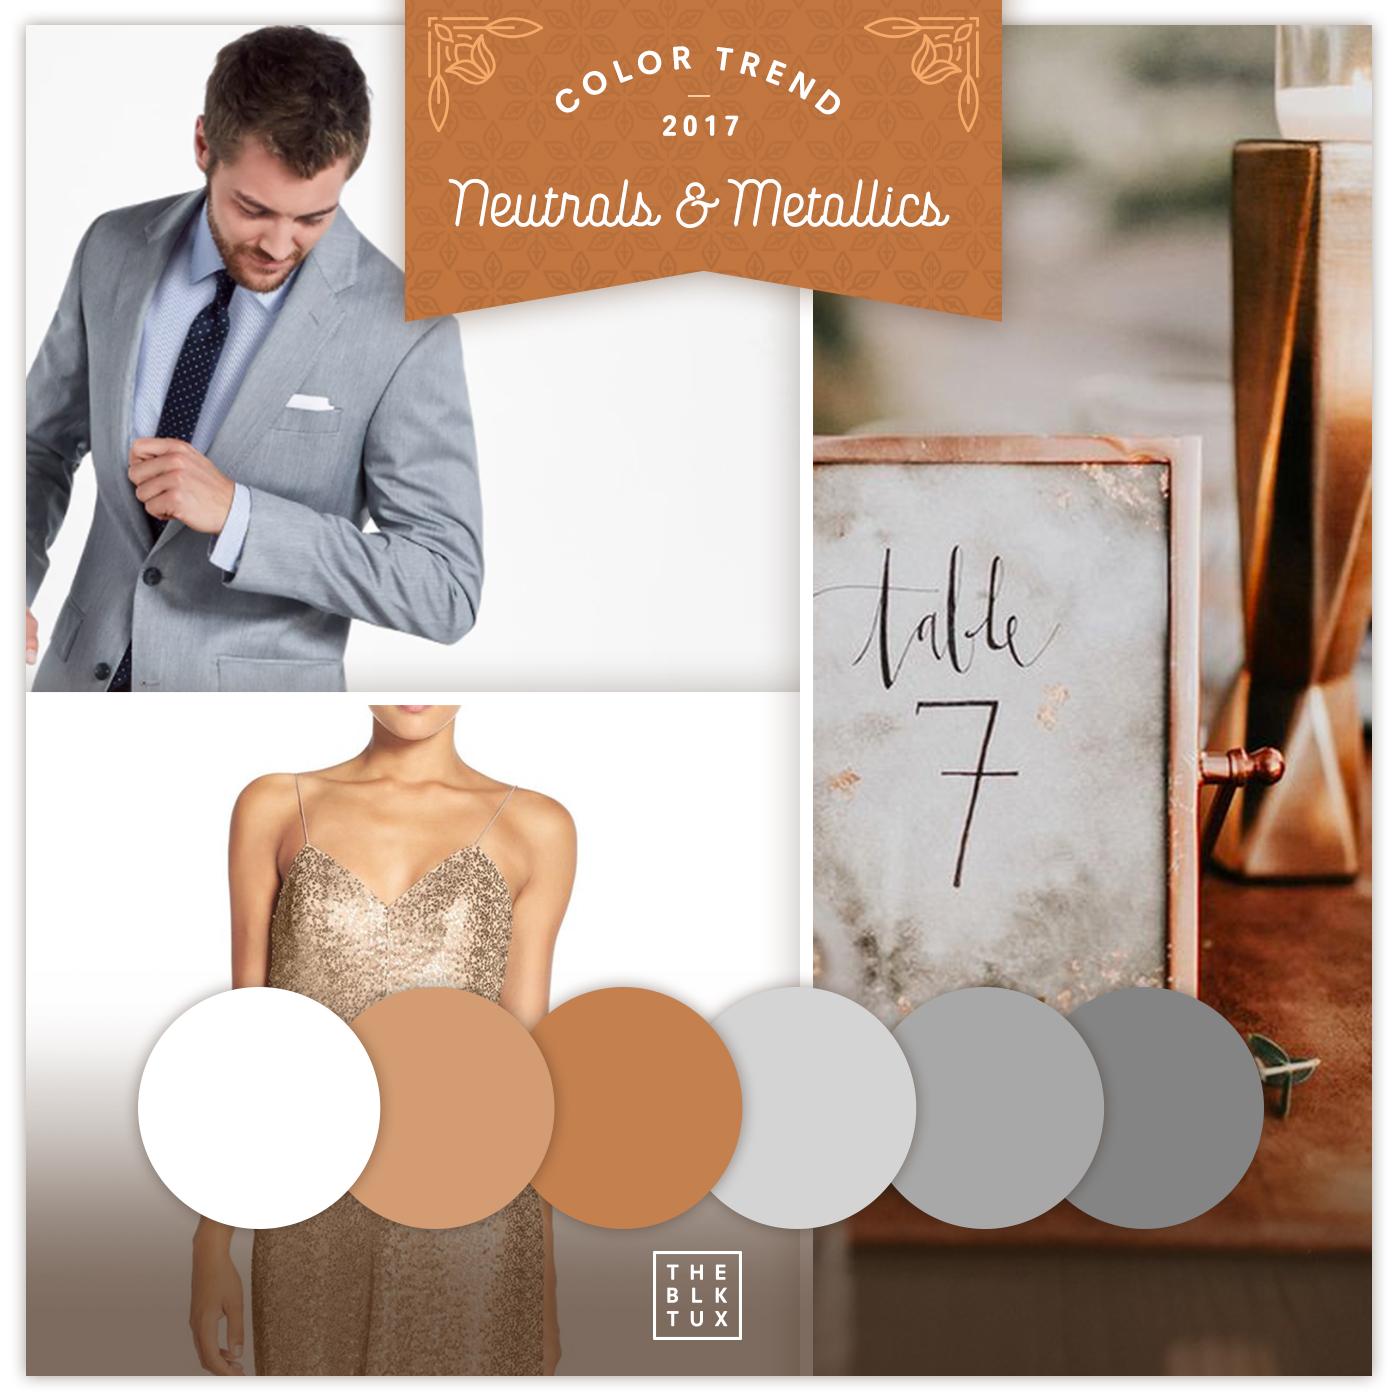 blktux_wedding_color_trends_x2.jpg